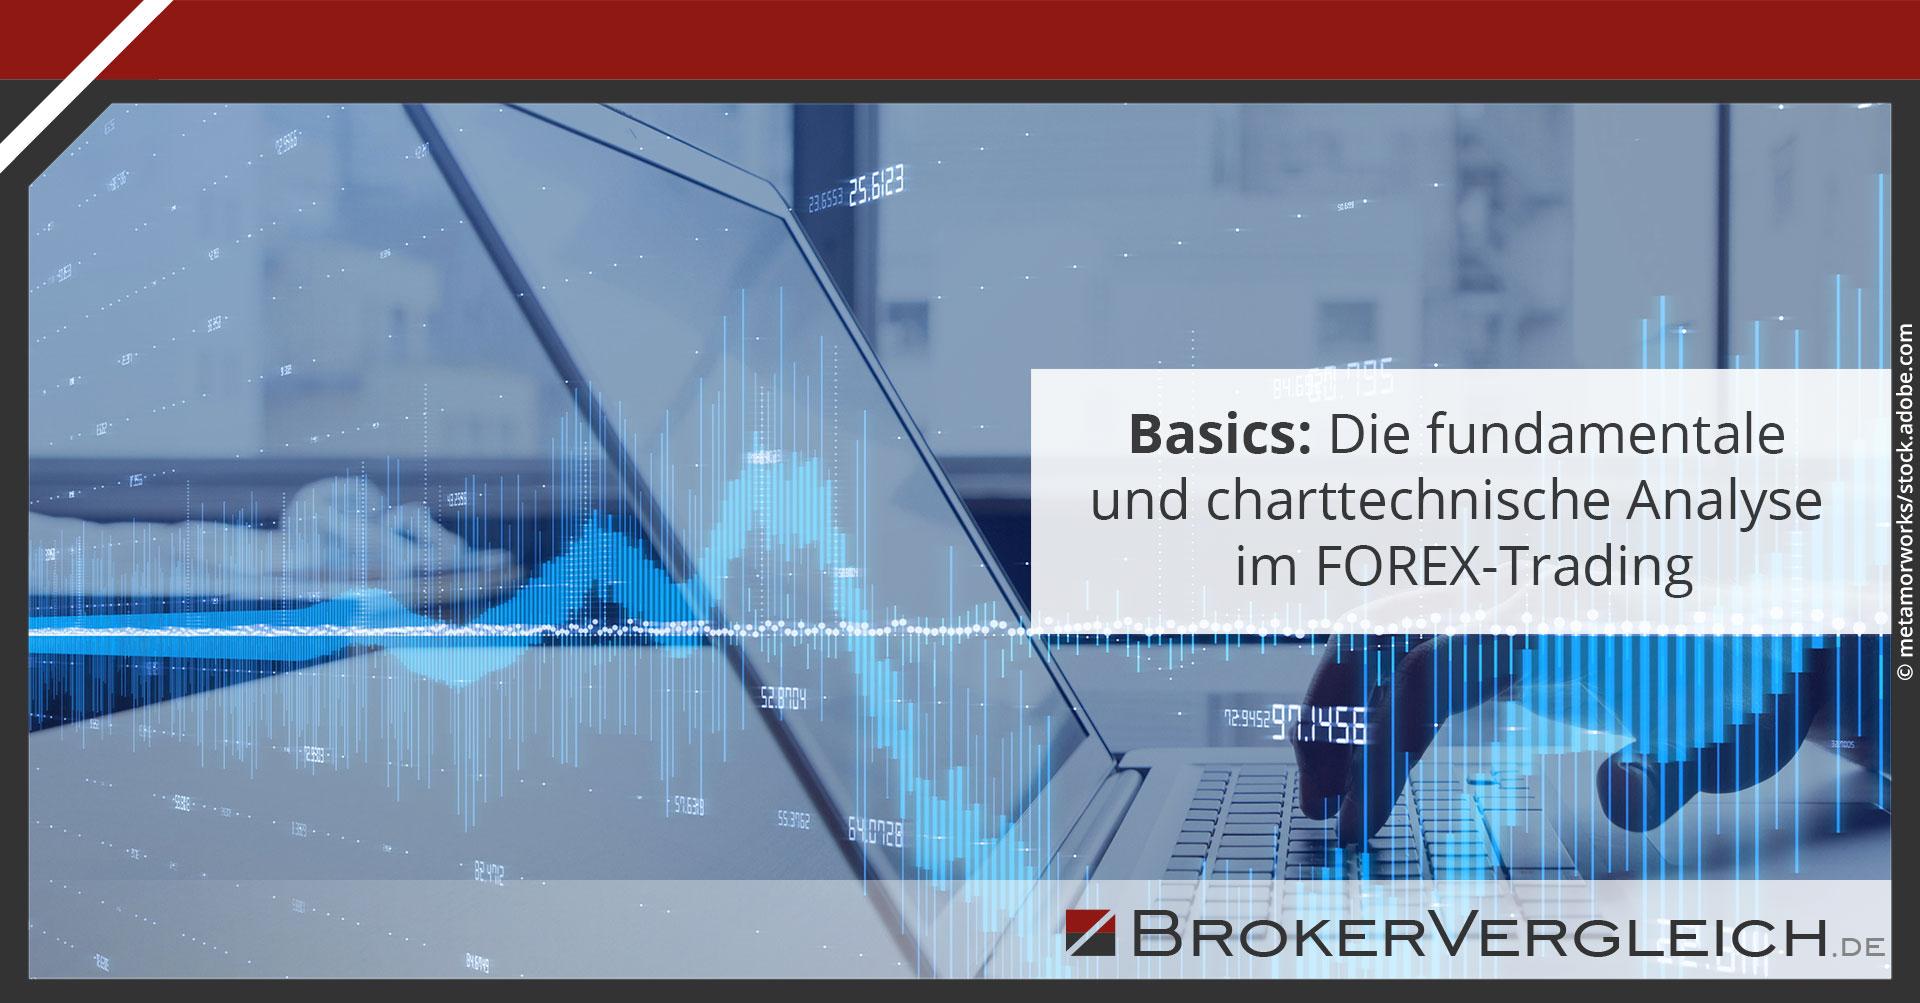 Zum Beitrag - Basics: Die fundamentale und charttechnische Analyse im Forex-Trading